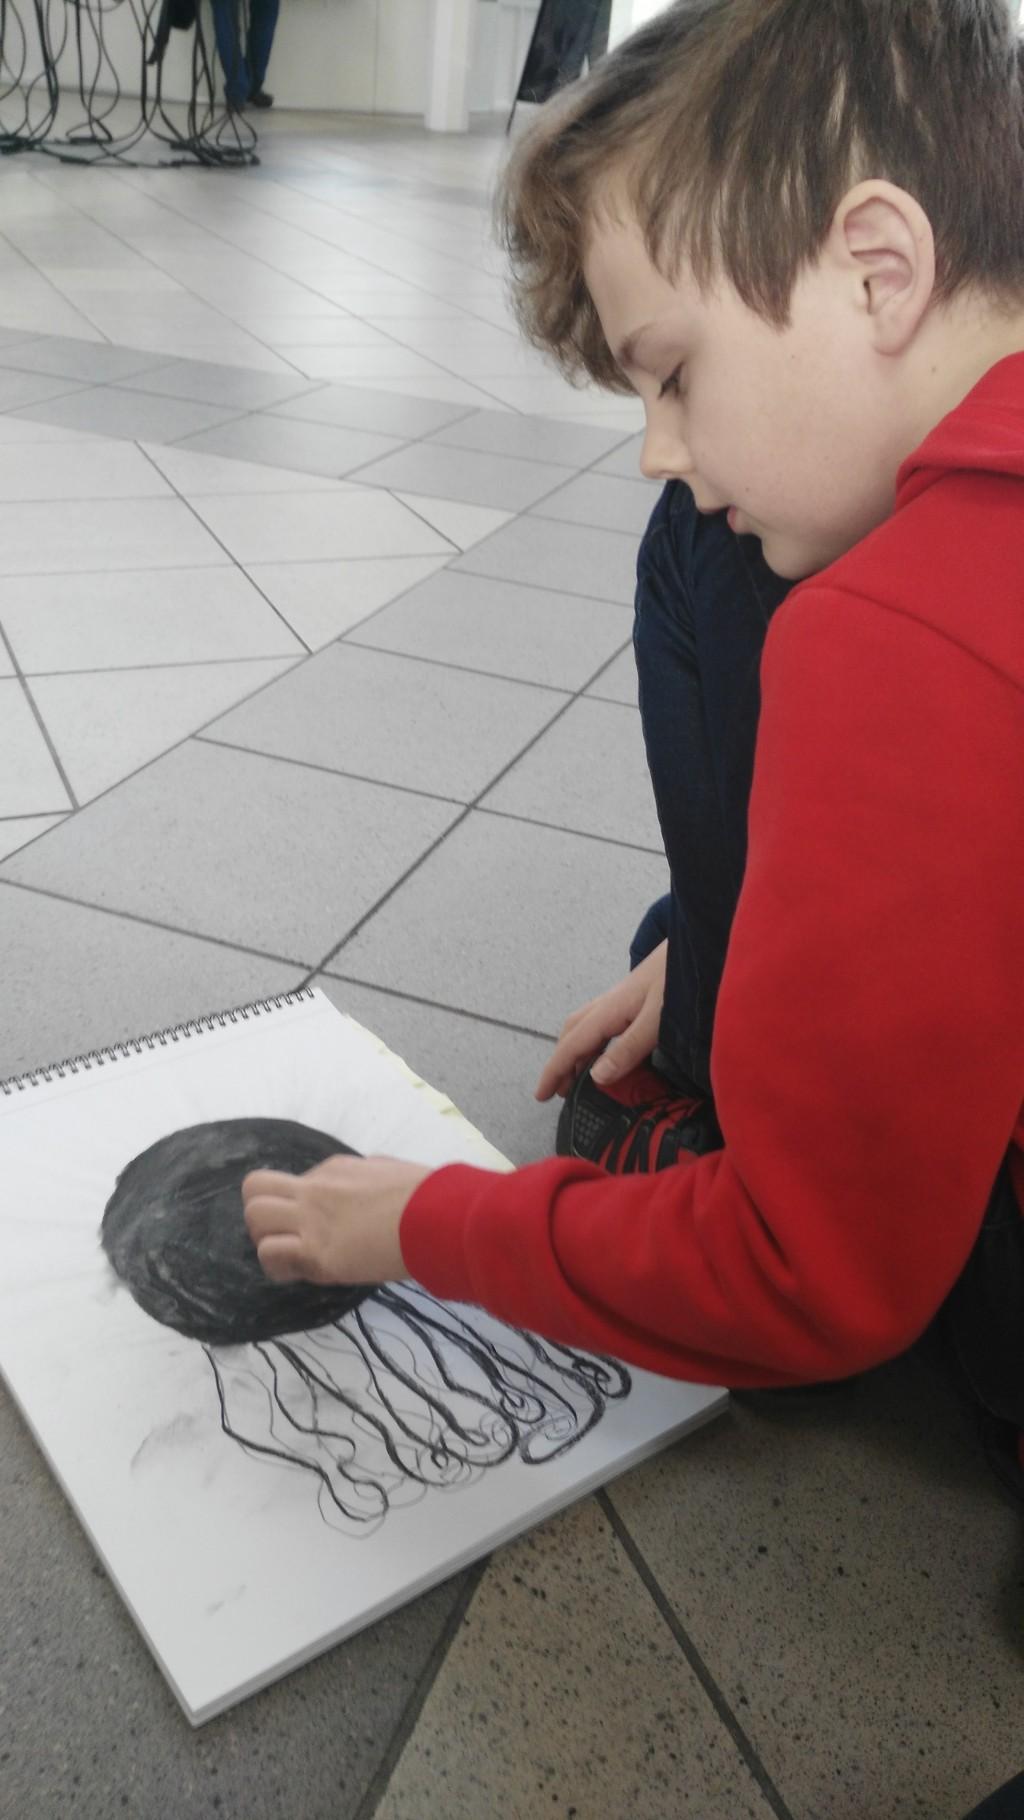 tegnedag-paa-fiskerimuseet-i-esbjerg-04